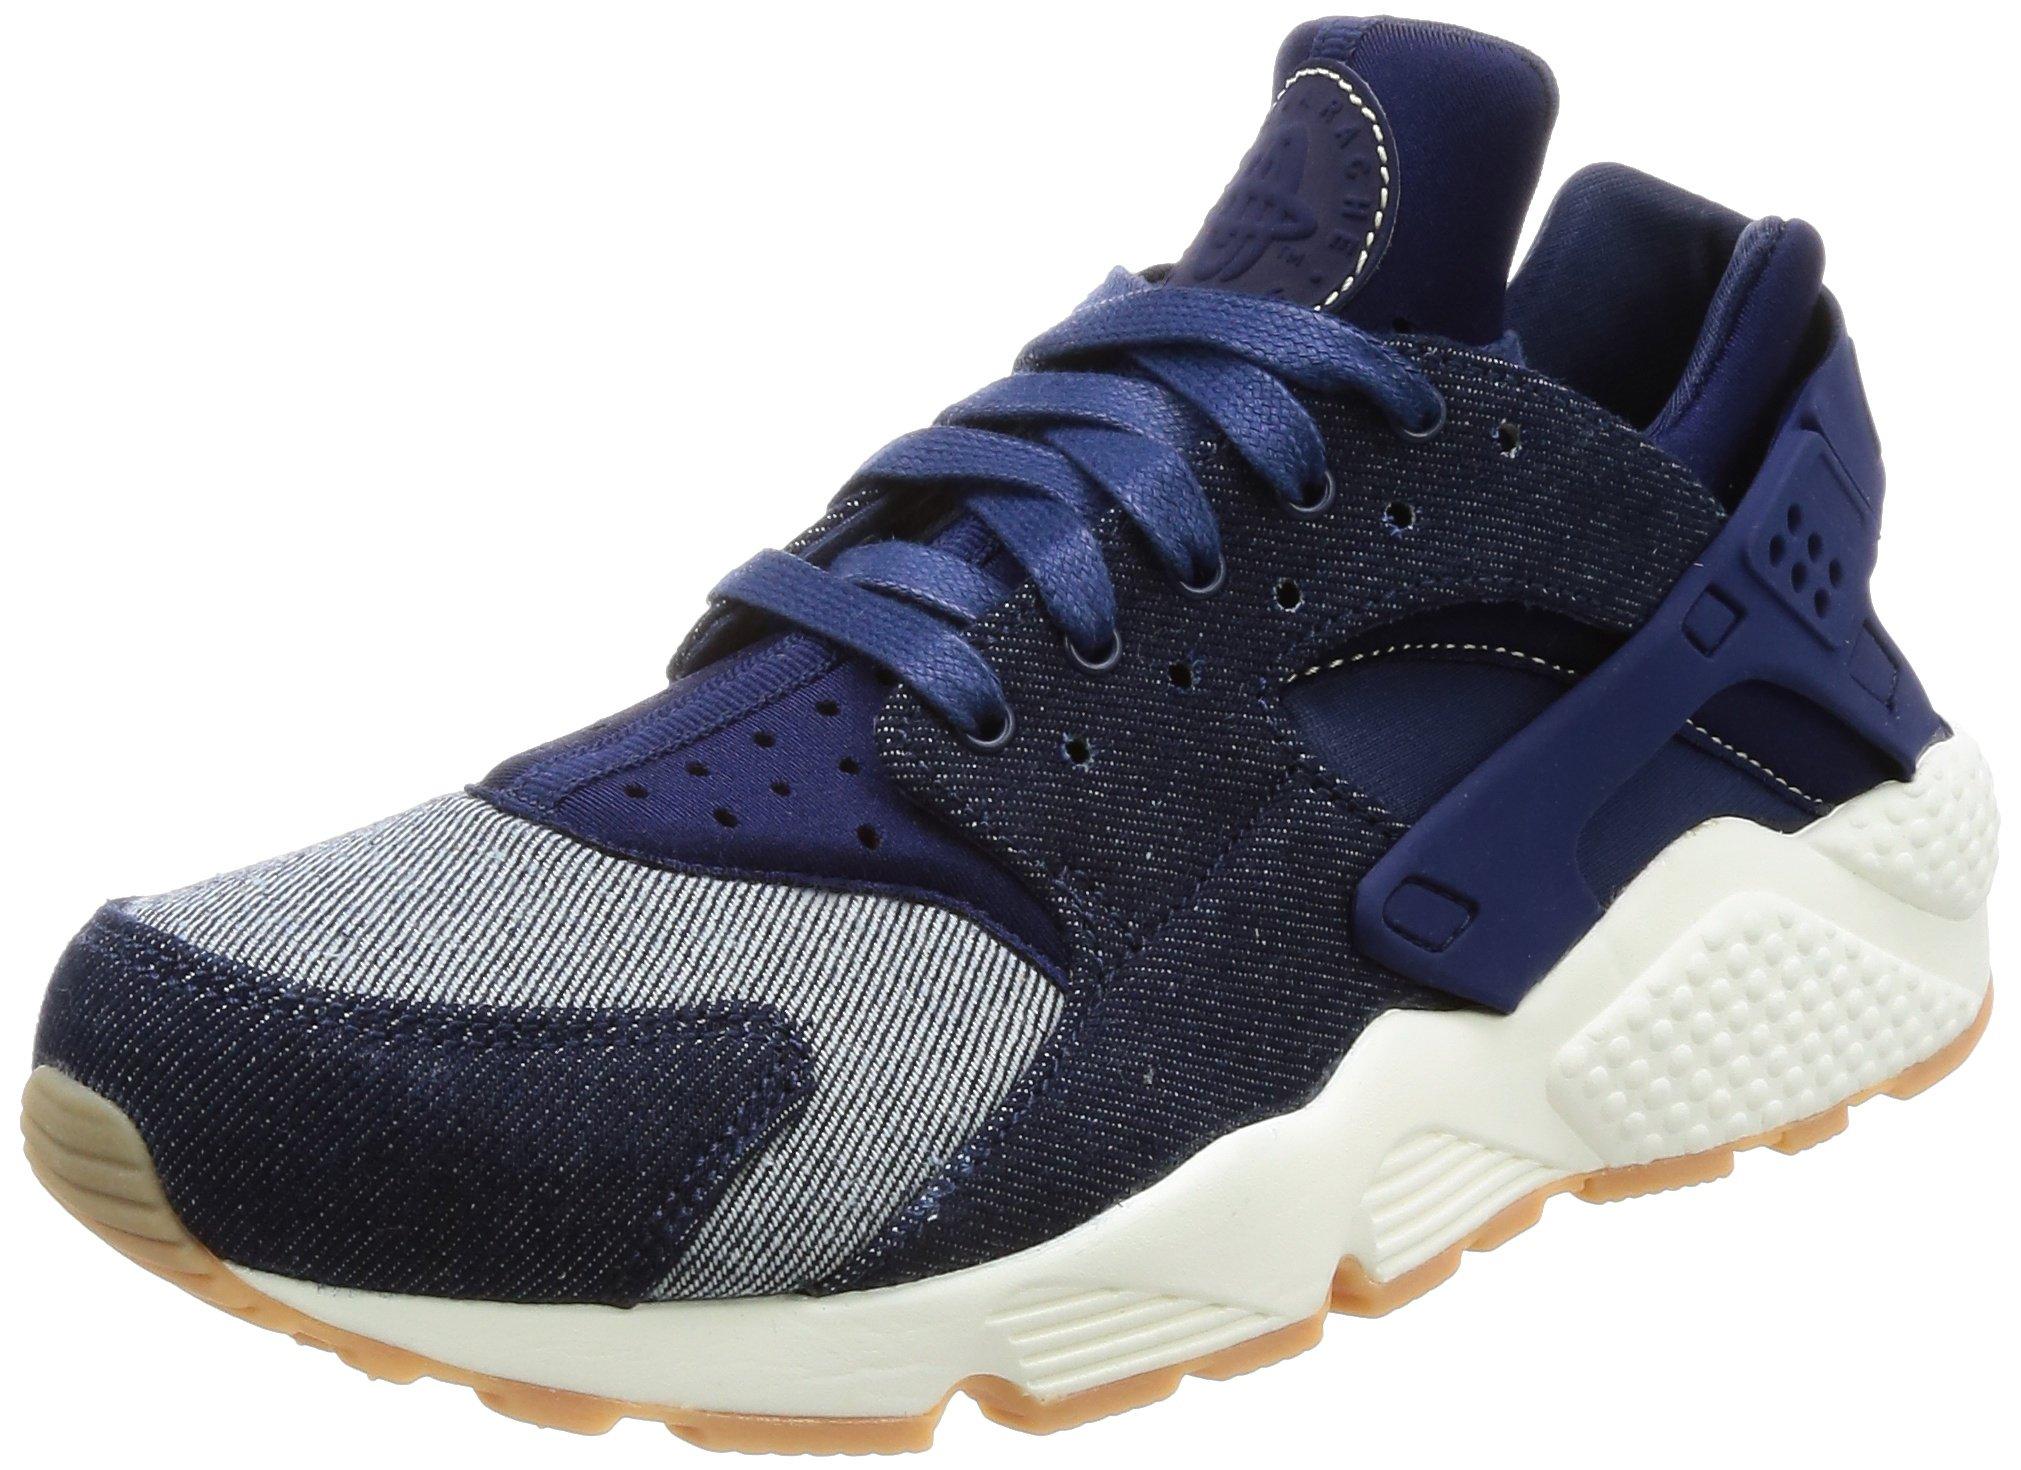 info for 64aec 04c6e Galleon - Nike Air Huarache Run SE Women s Running Shoes Binary  Blue Blue Muslin-Sail 859429-401 (6 B(M) US)